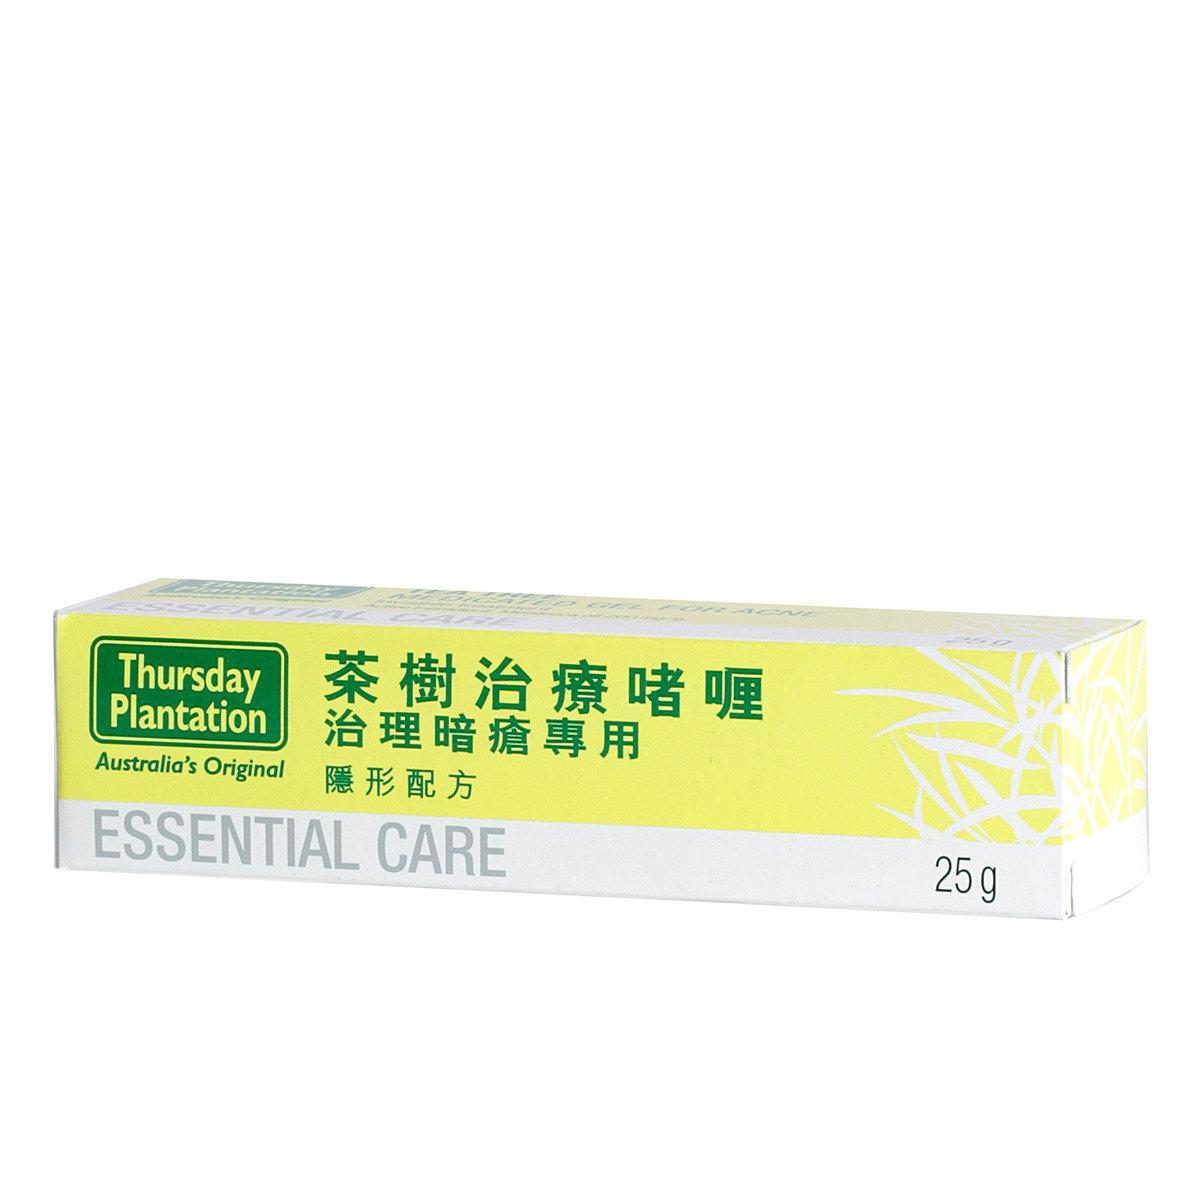 茶樹治療啫喱(治理暗瘡專用)